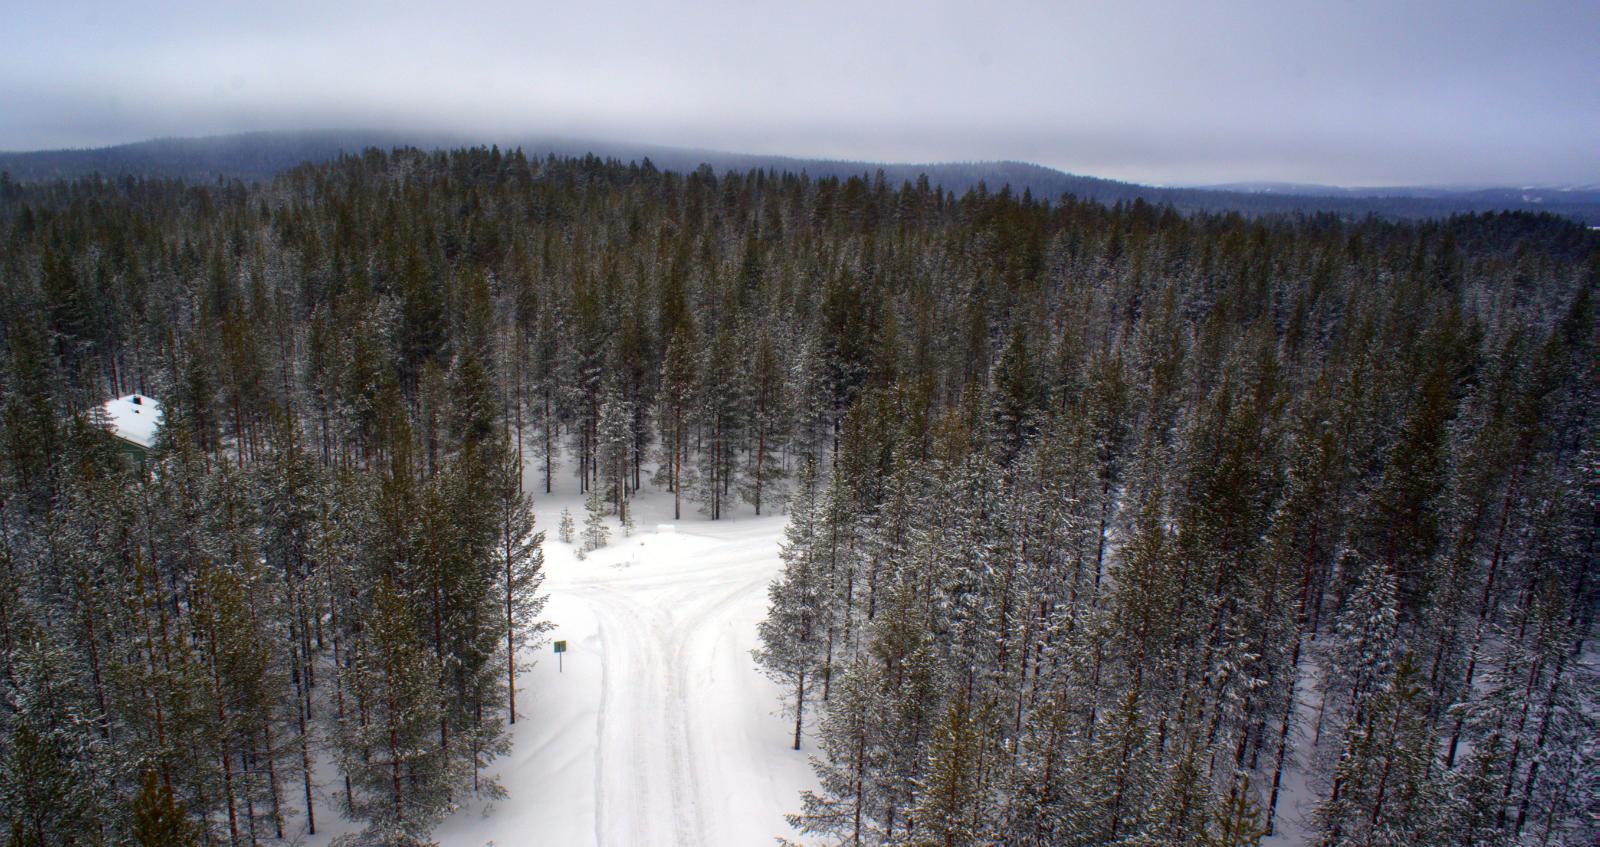 Tontti mäntymetsäisellä harjulla lähellä Iso-Syötettä. Ulkoilureitistö alueen läpi.